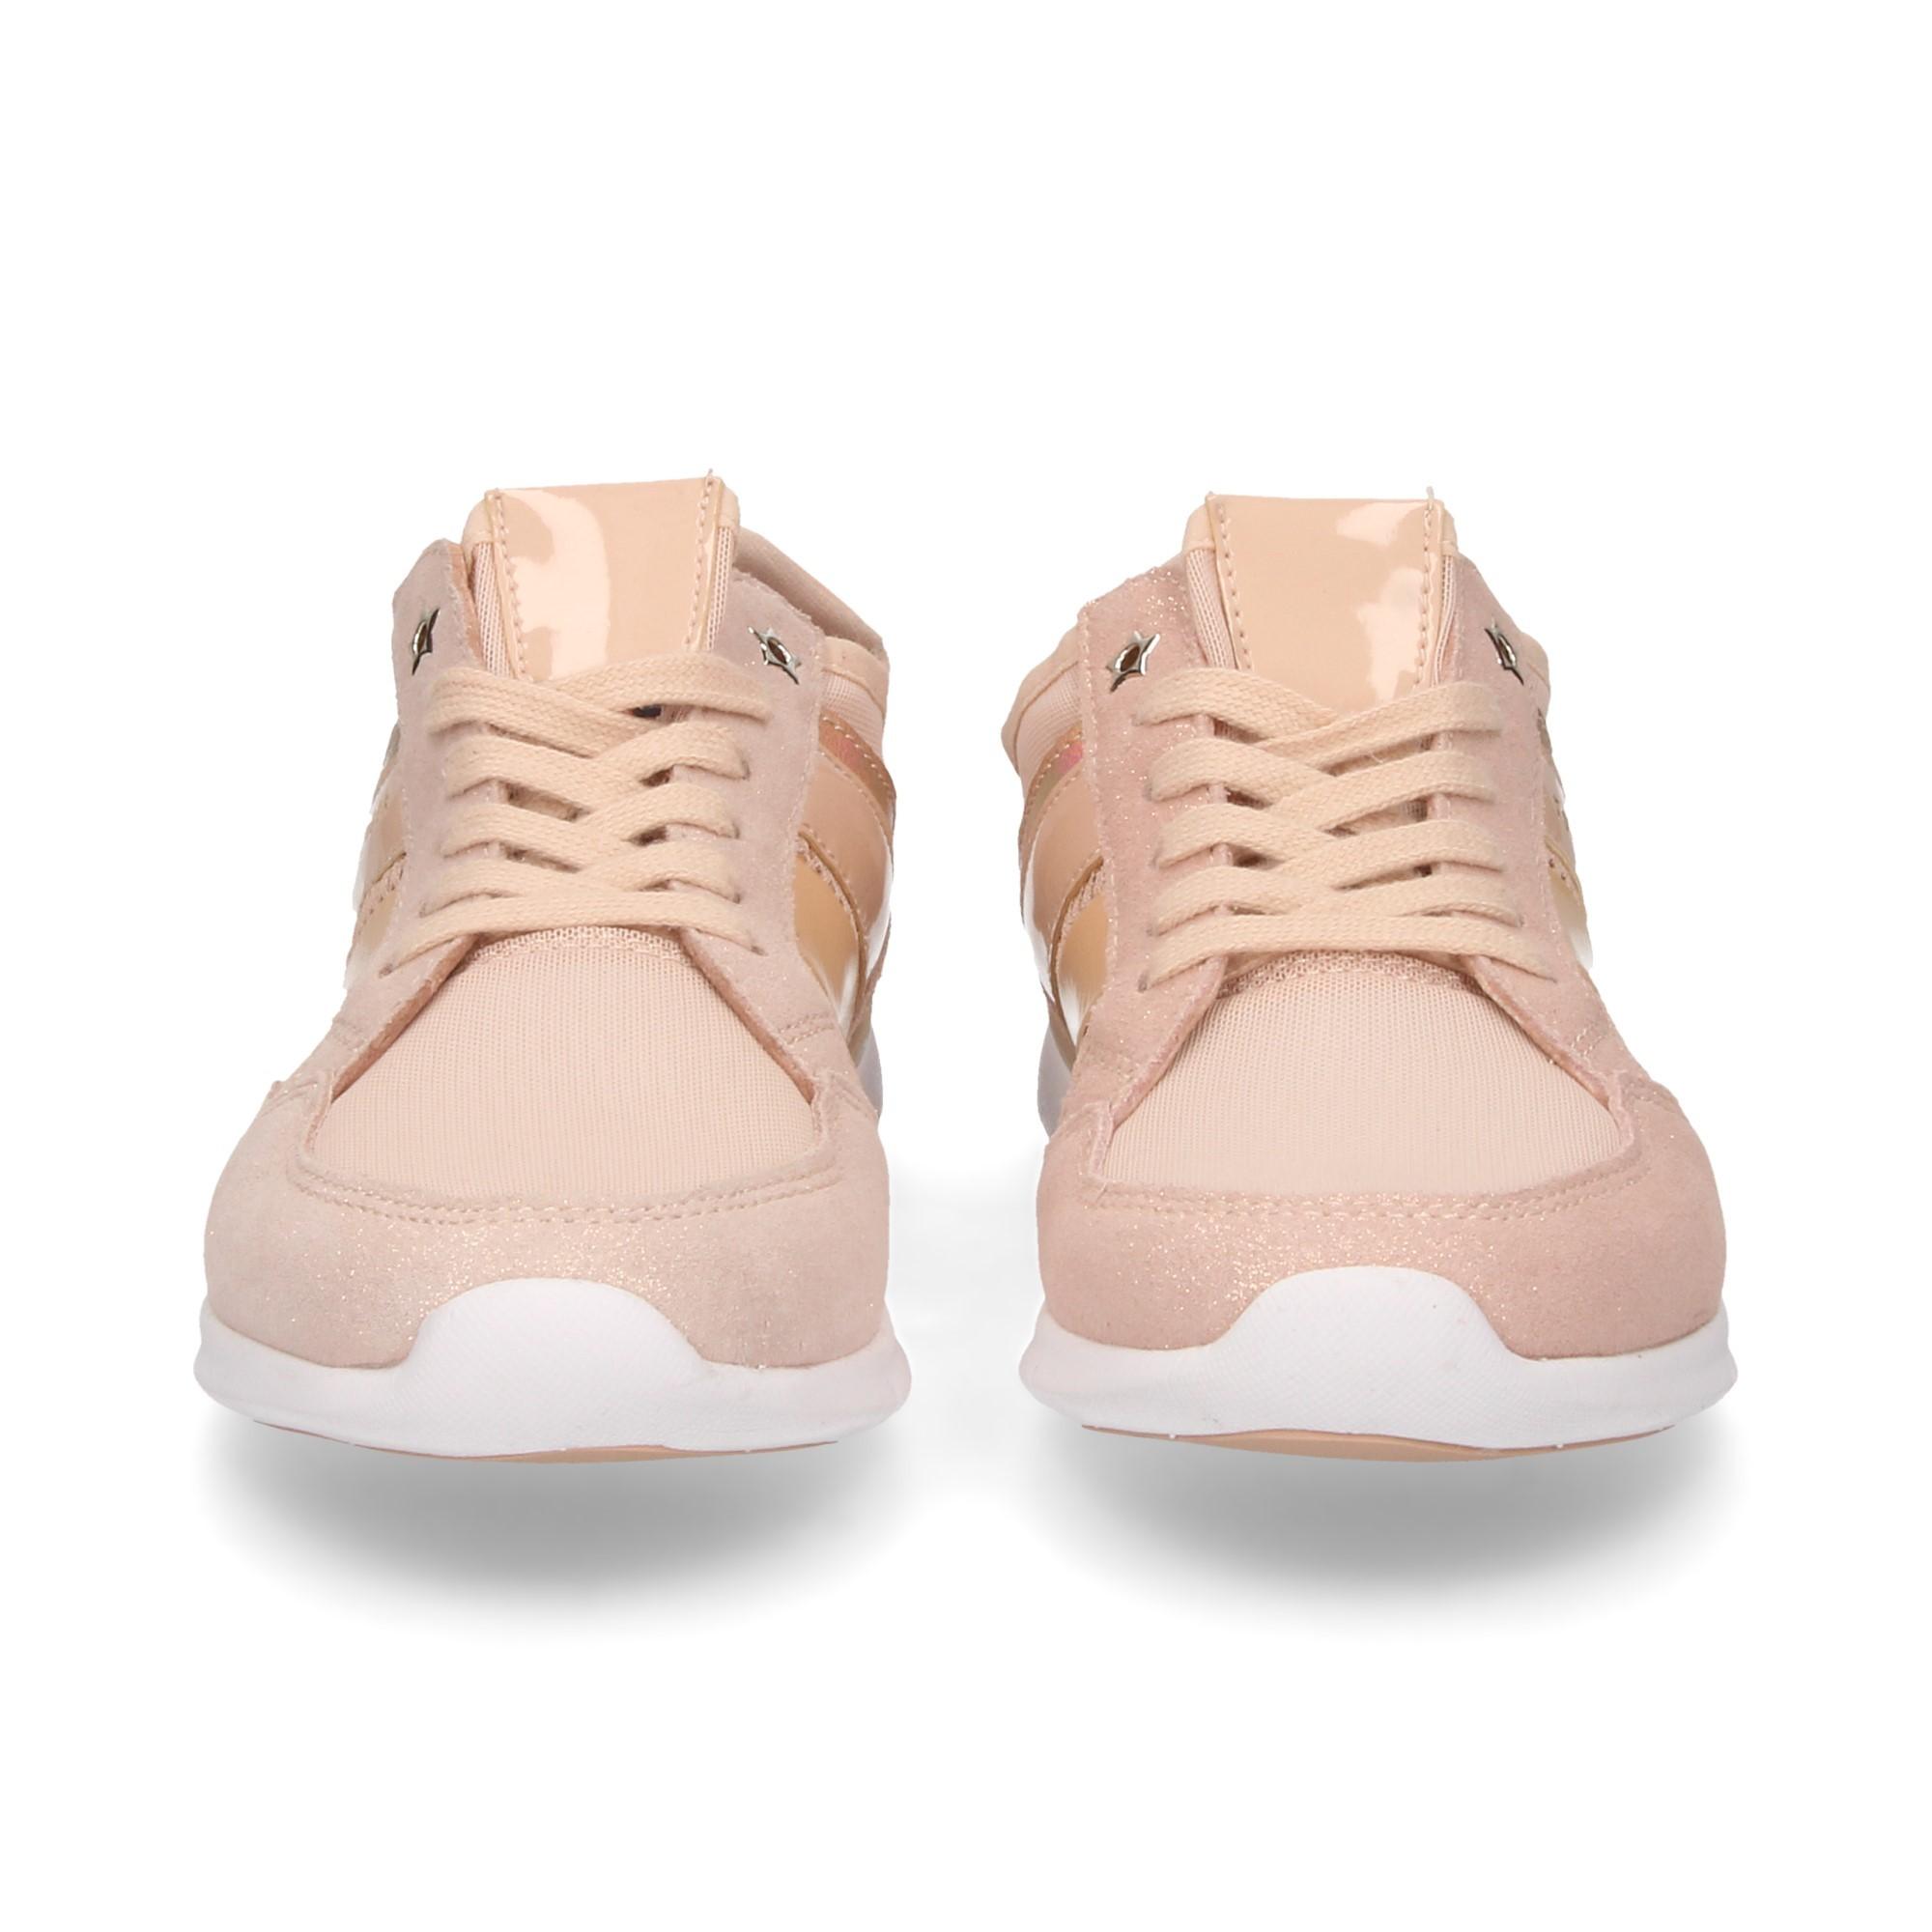 TOMMY HILFIGER Chaussures de sport pour femmes FW02996502